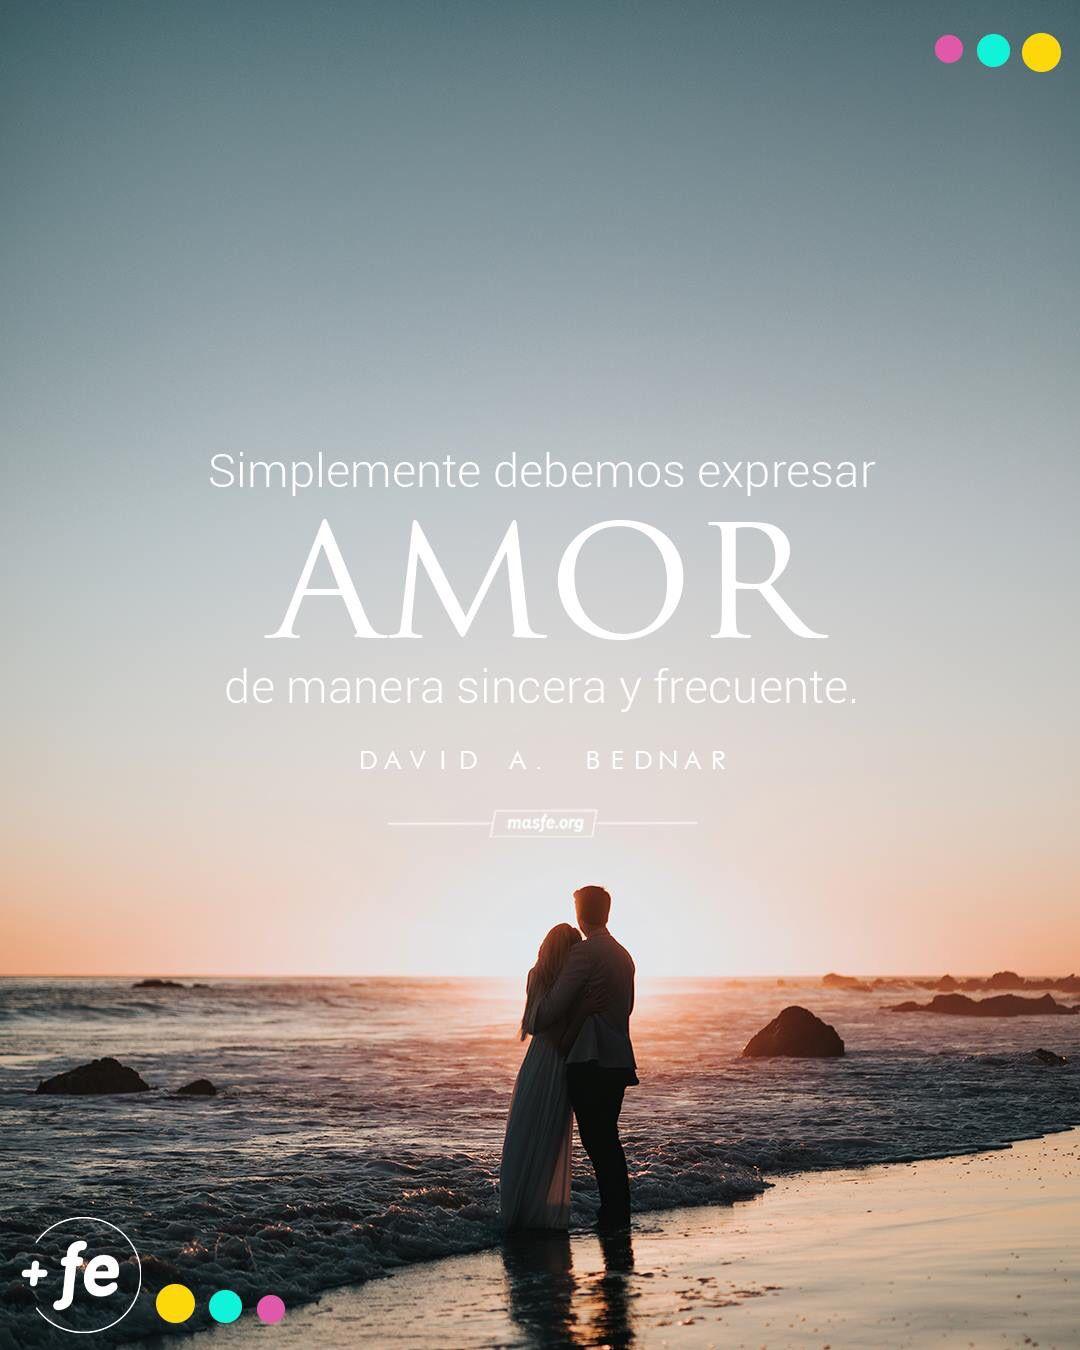 domingo del amor encontrar el amor en enero un buen proposito